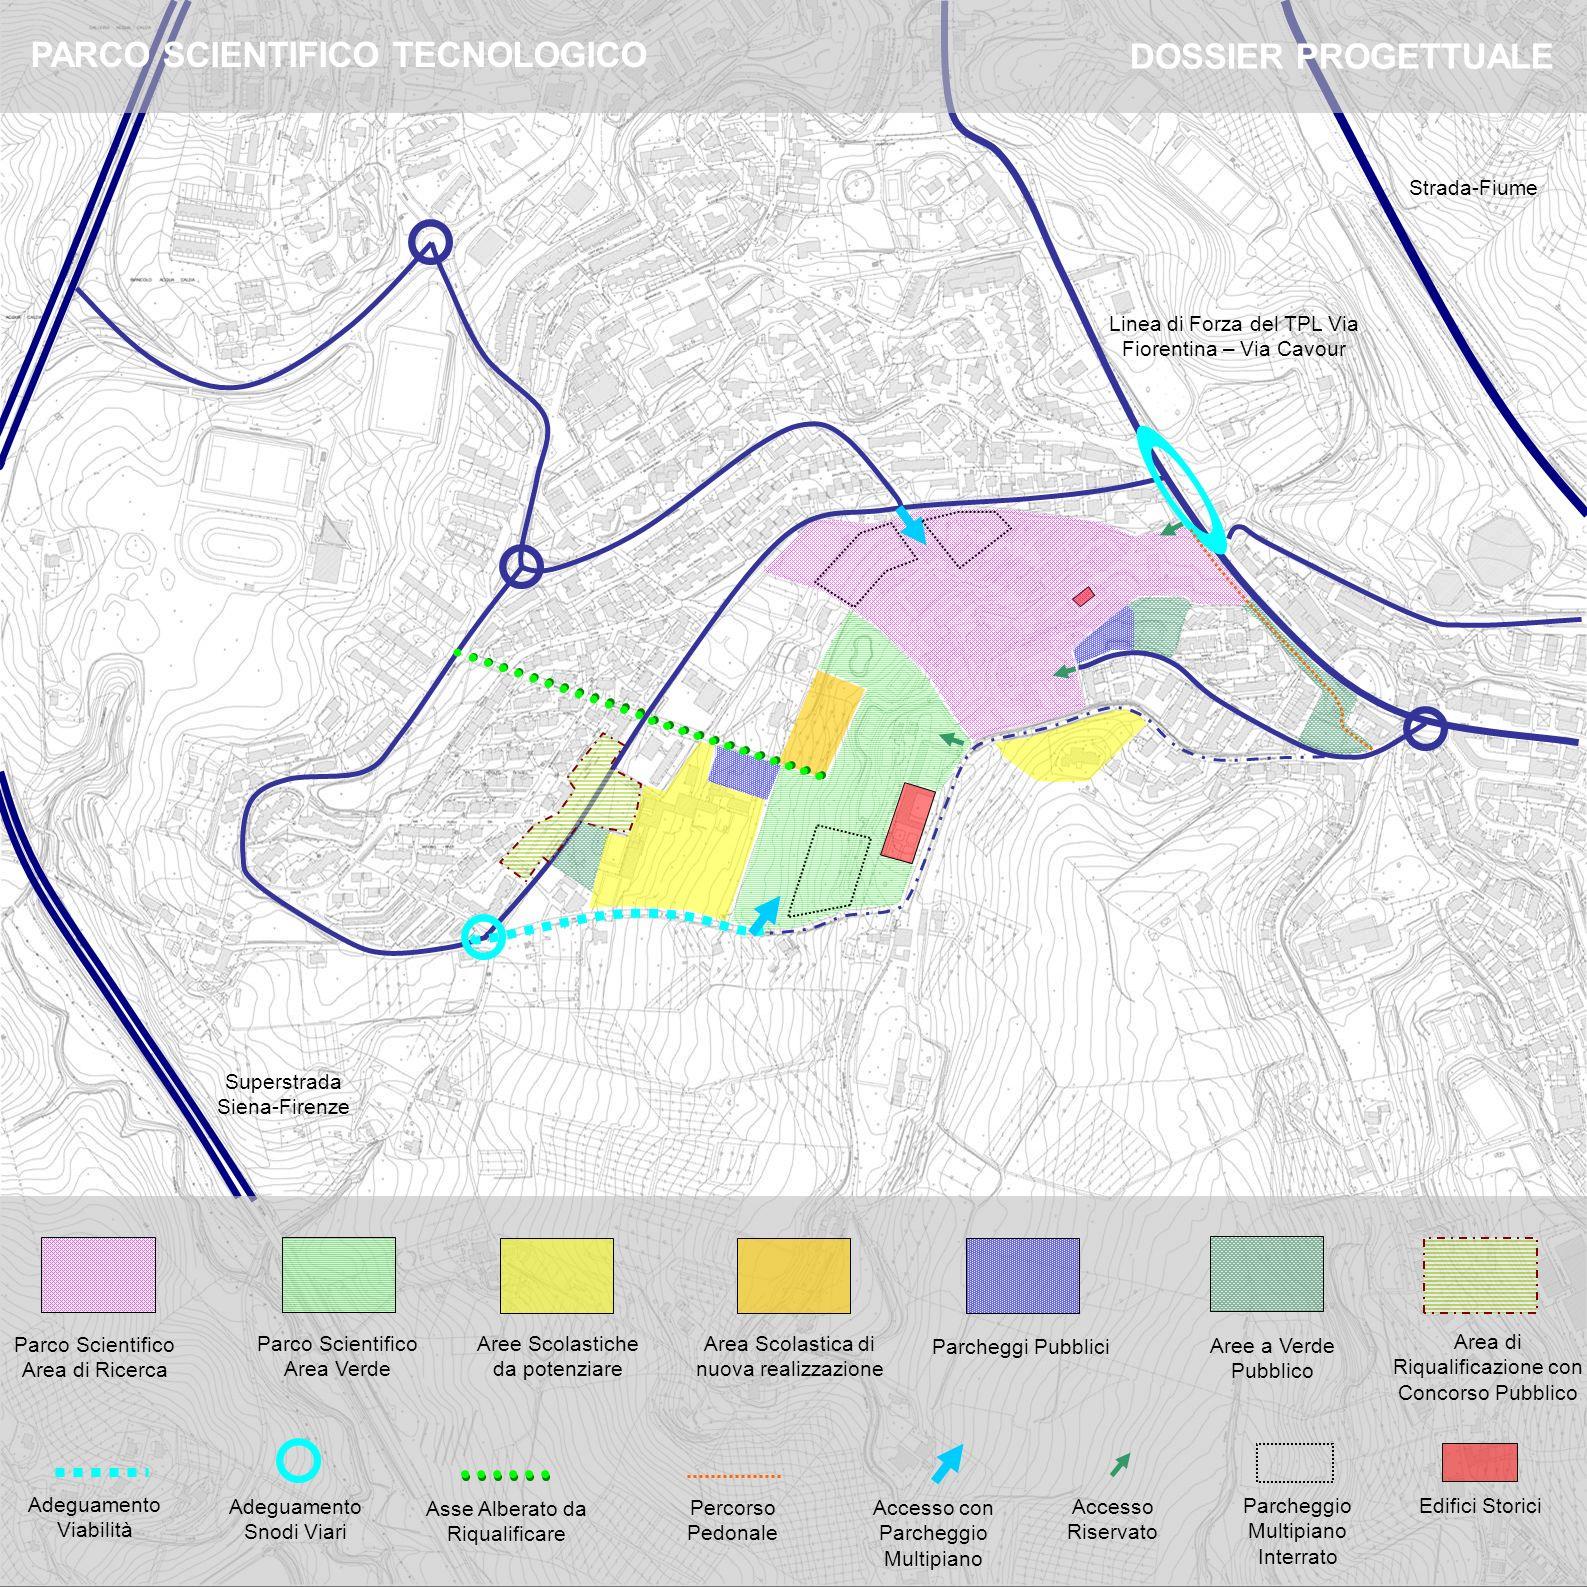 Parco Scientifico Area Verde Parco Scientifico Area di Ricerca Aree Scolastiche da potenziare Area Scolastica di nuova realizzazione Parcheggi Pubblic